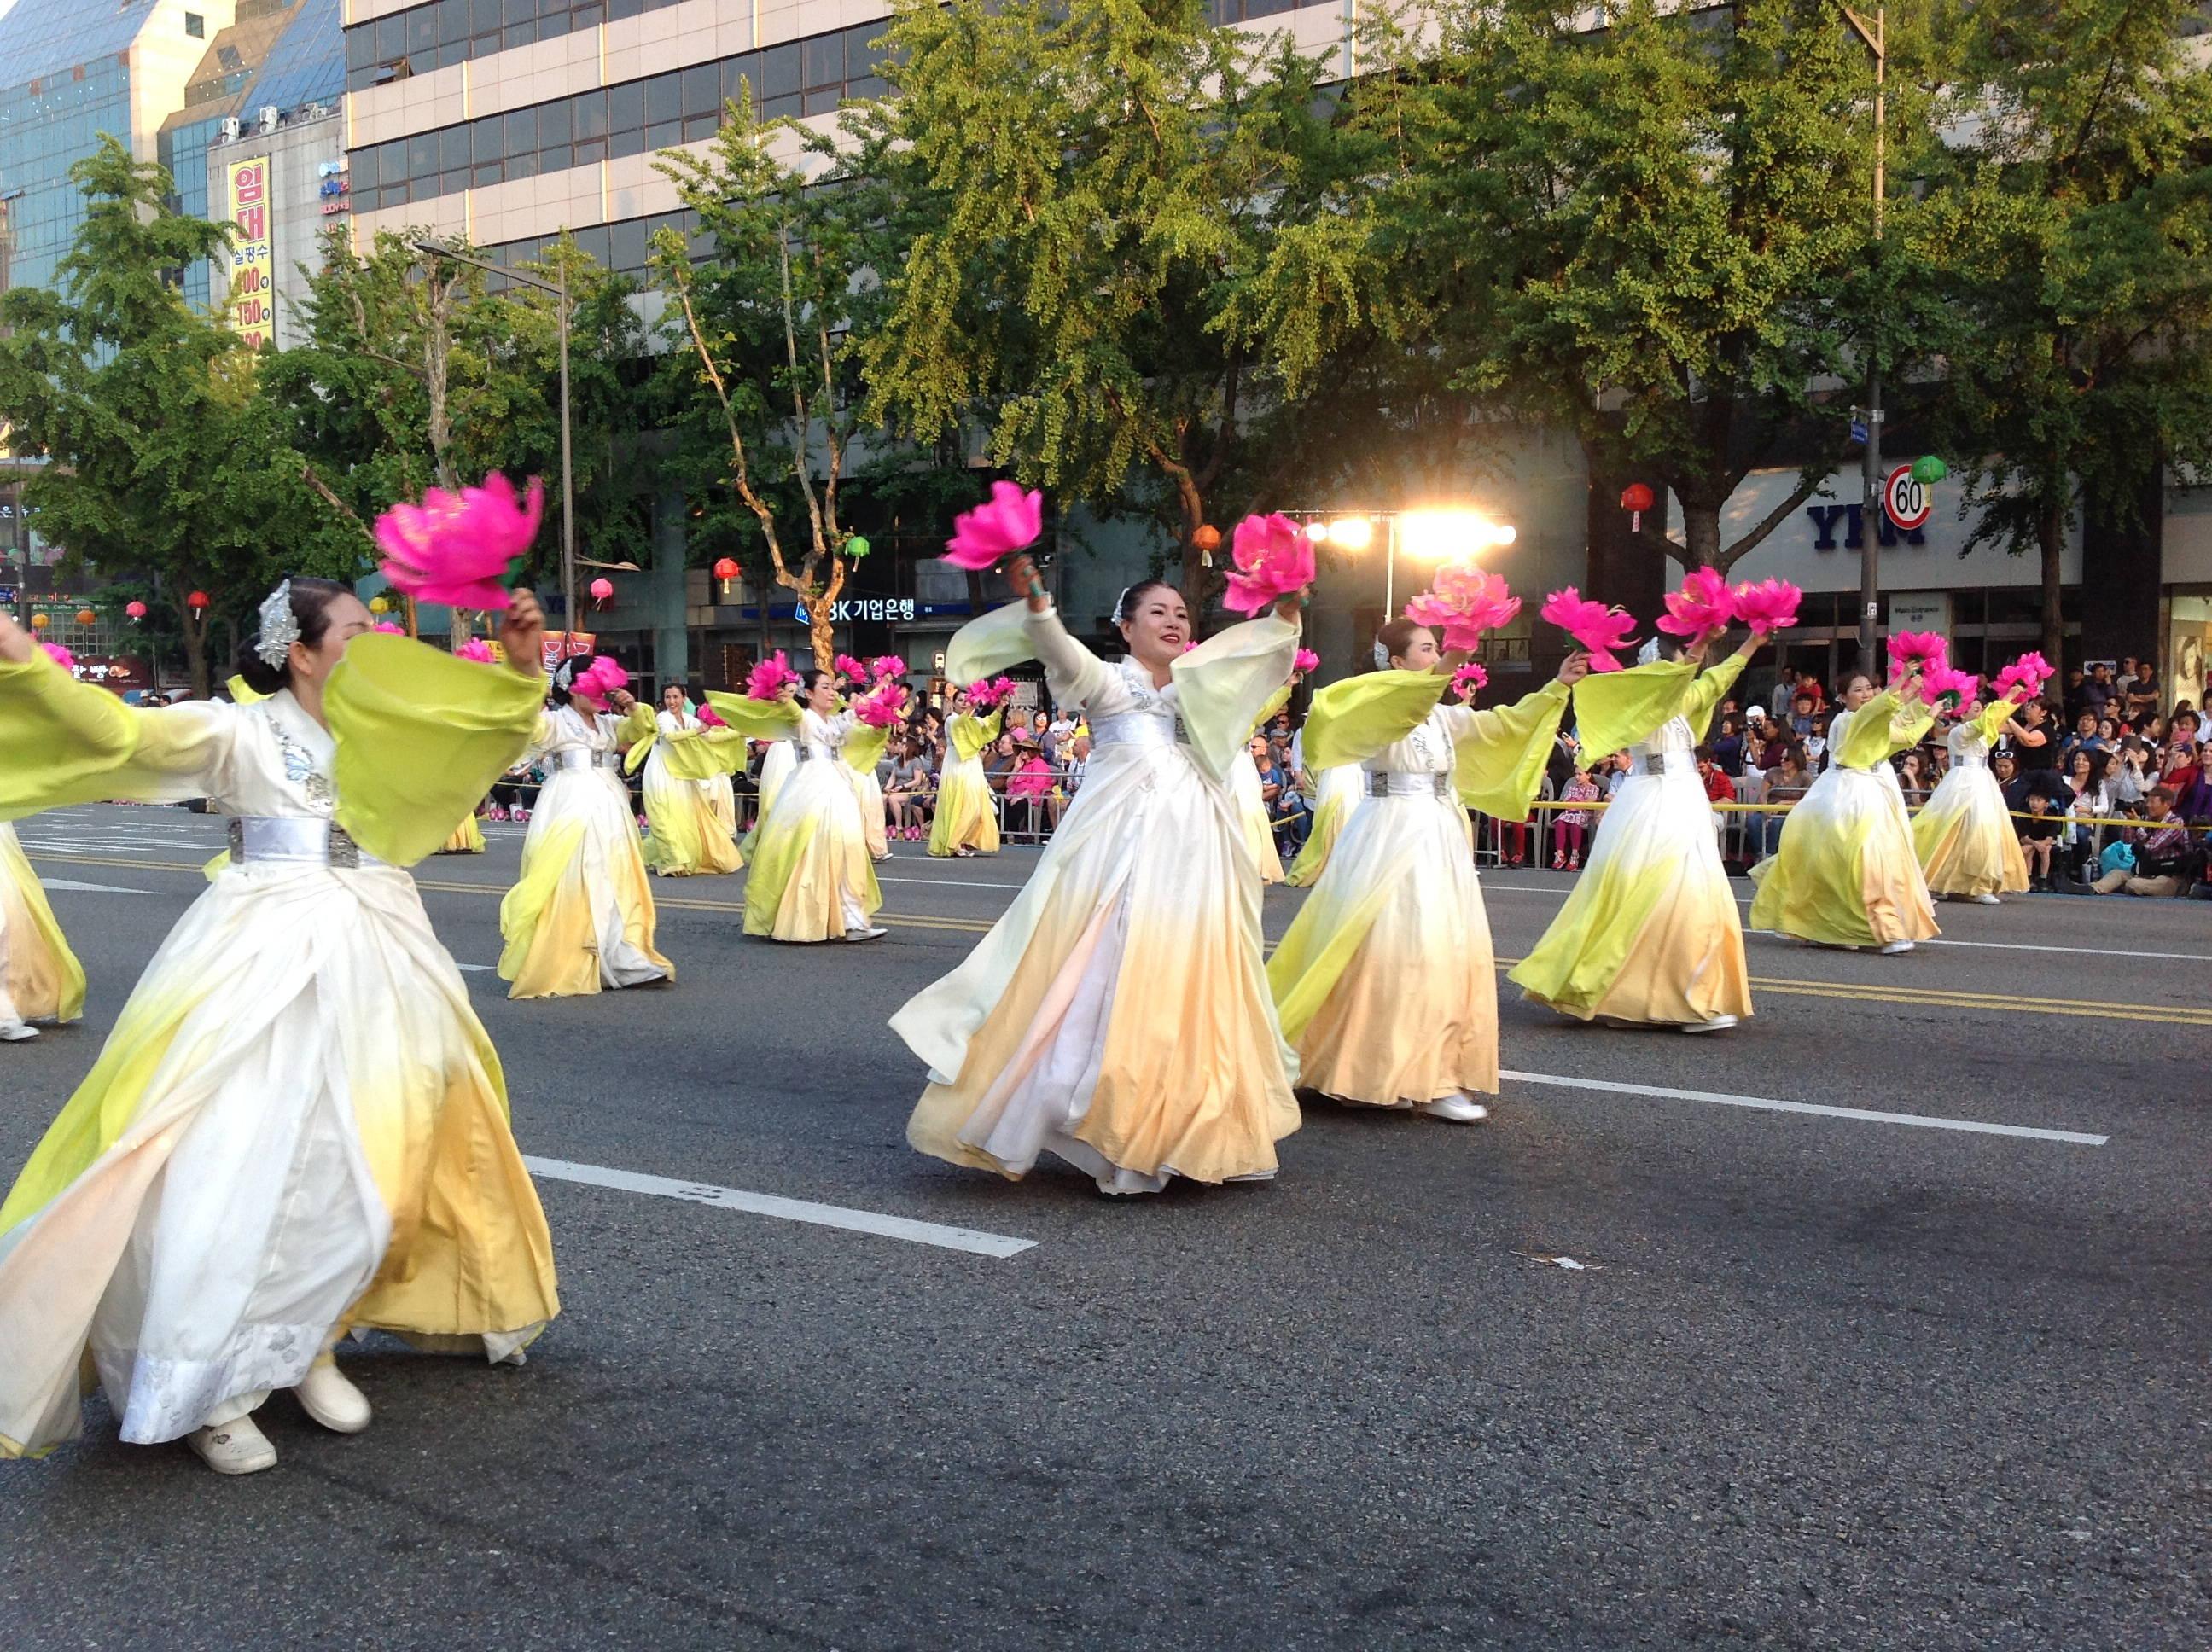 2015-05-16 Lantern Parade 023